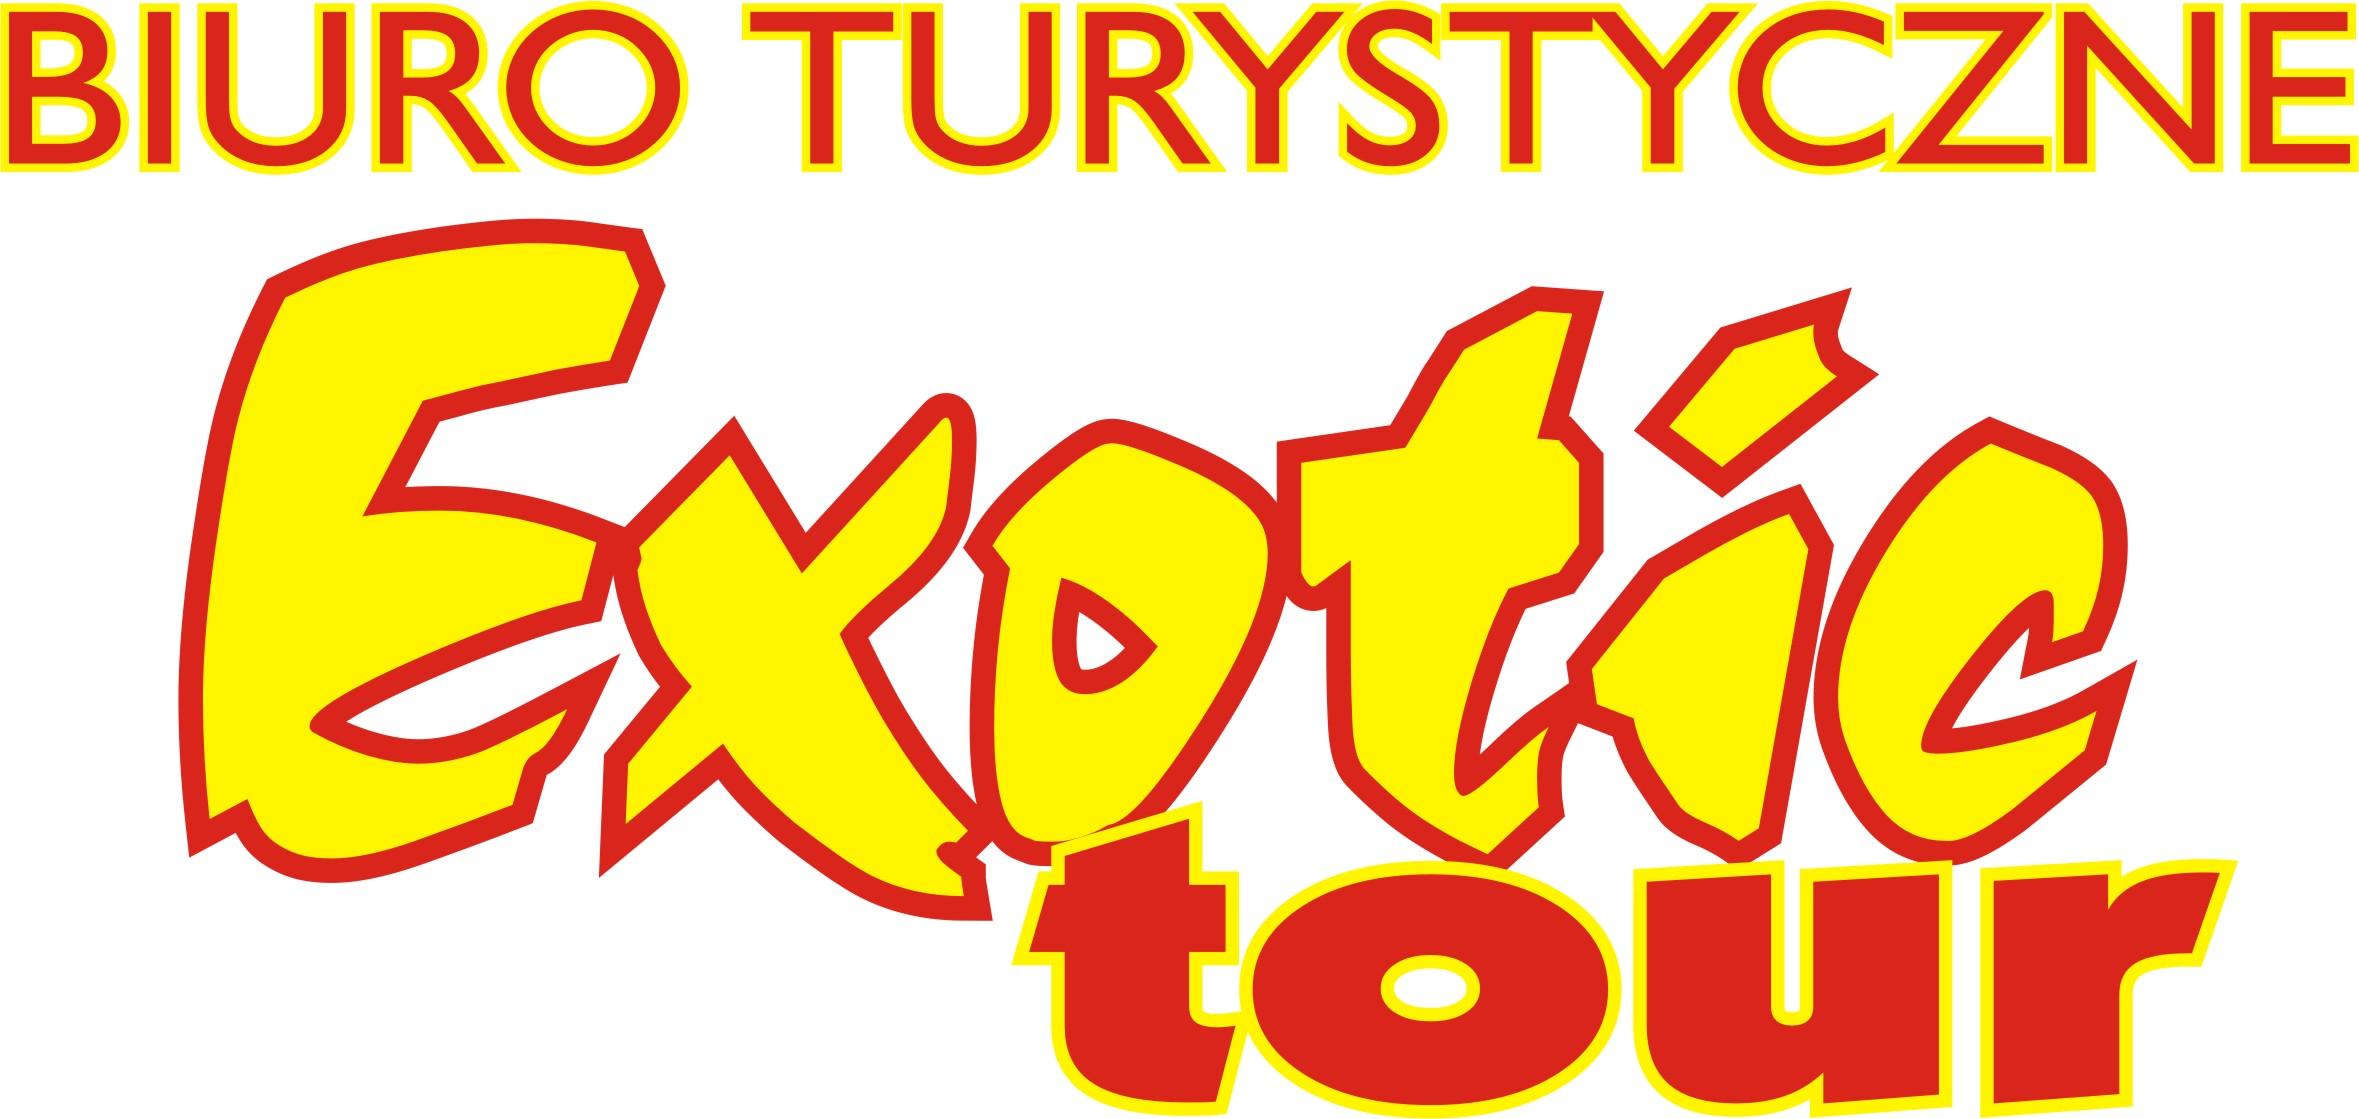 Biuro Turystyczne Exotic Tour